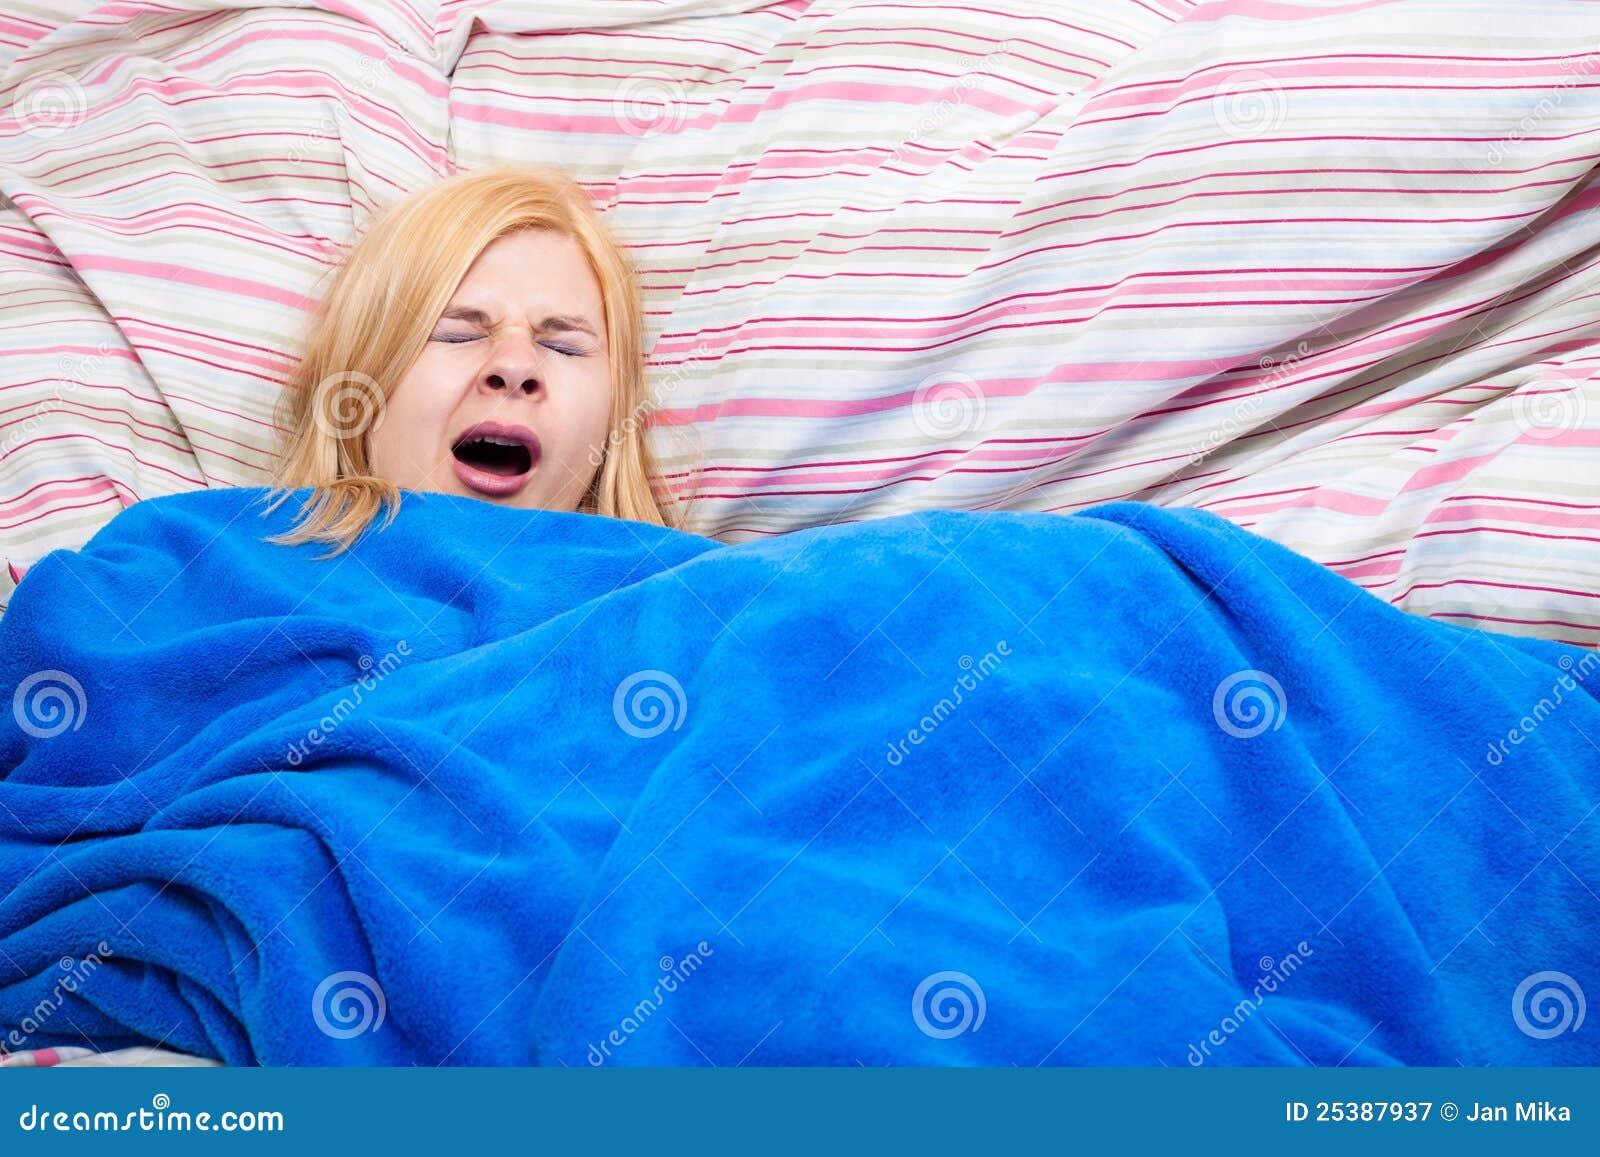 Сонную взрослую женщину 2 фотография